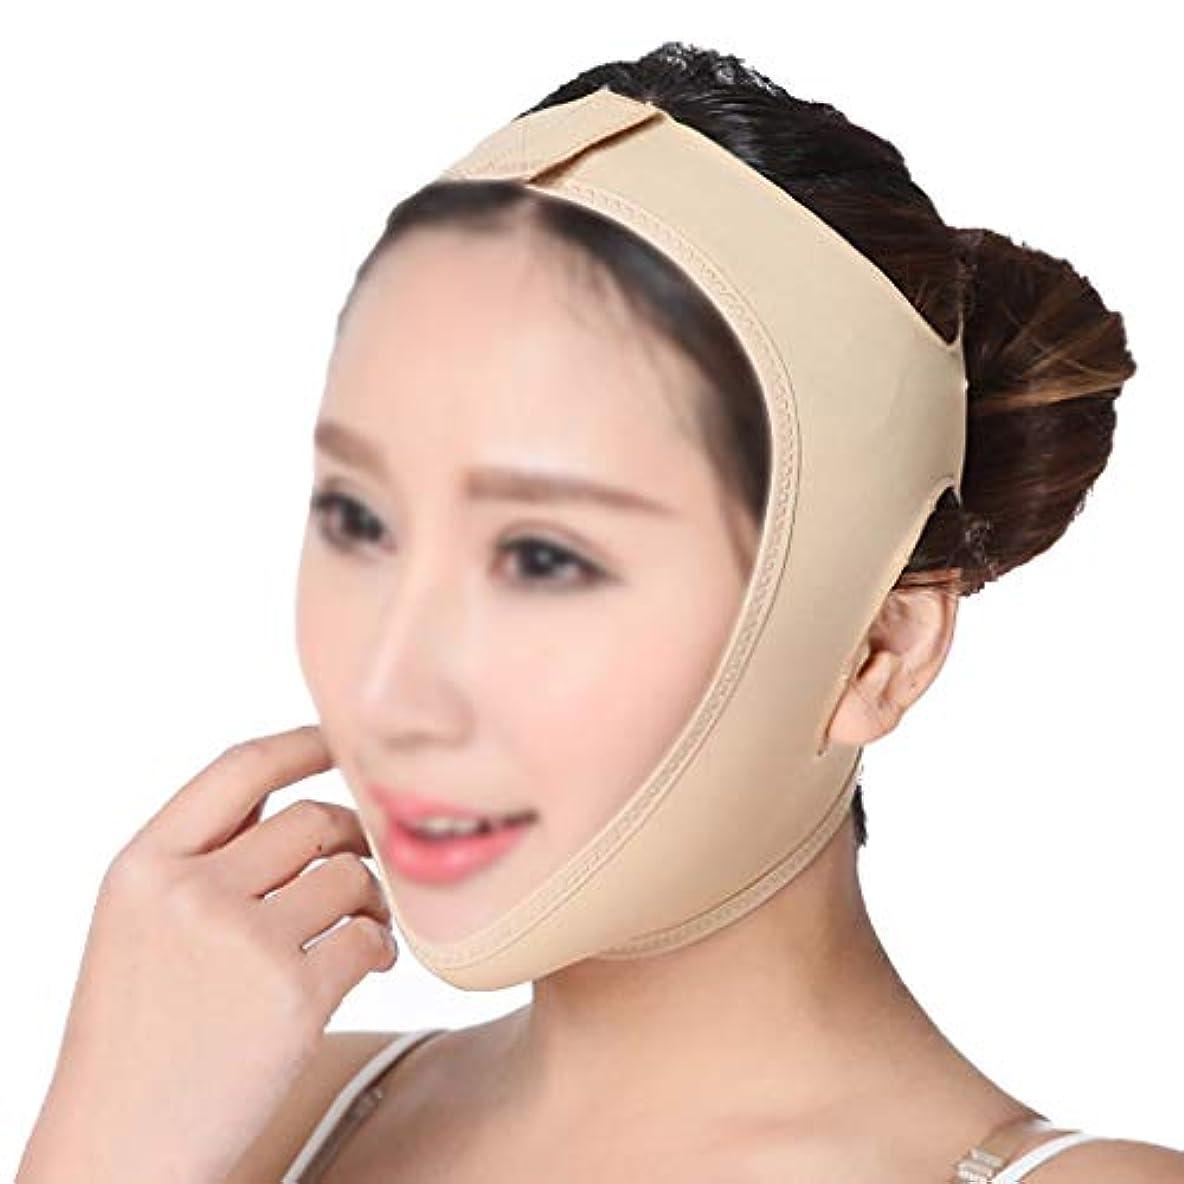 九時四十五分ベーカリー退屈なXHLMRMJ 薄い顔包帯顔スリム二重あごを取り除くVラインの顔の形を作成するあごの頬リフトアップ抗しわを持ち上げるベルトフェイスマッサージツール (Size : XL)